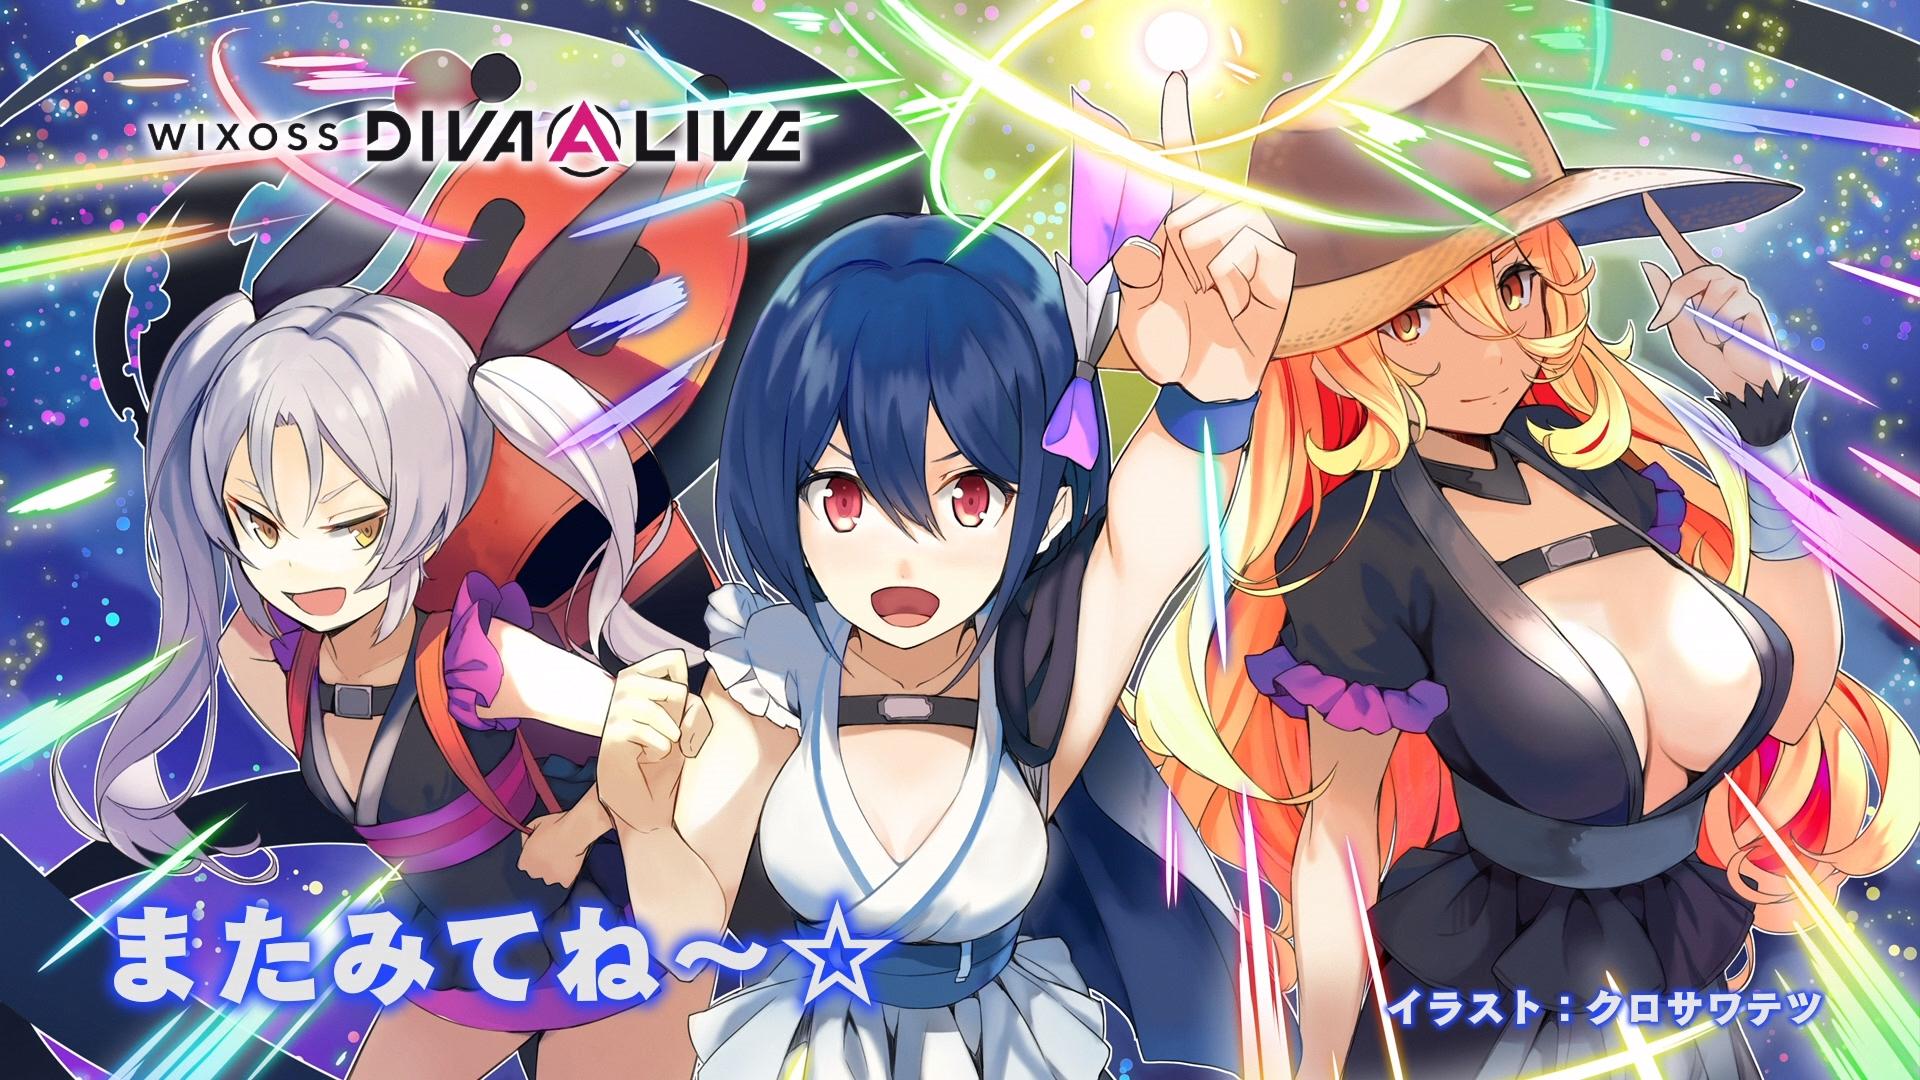 WIXOSS Diva(A)Live Episode 01 Endcard Tetsu Kurosawa